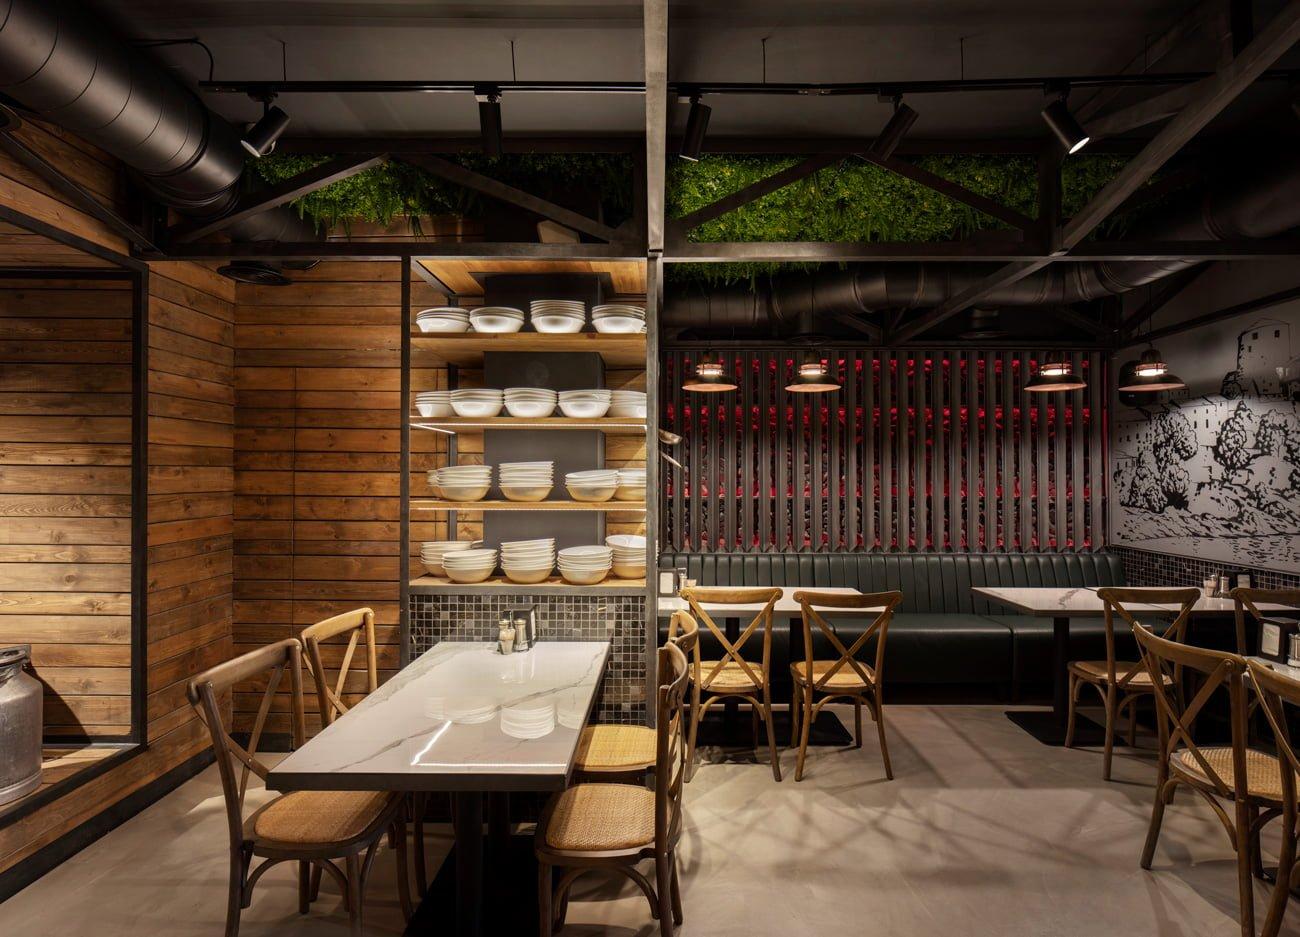 фото креативного решения зала ресторана Grillian проект в этно стиле с кухонной утварью